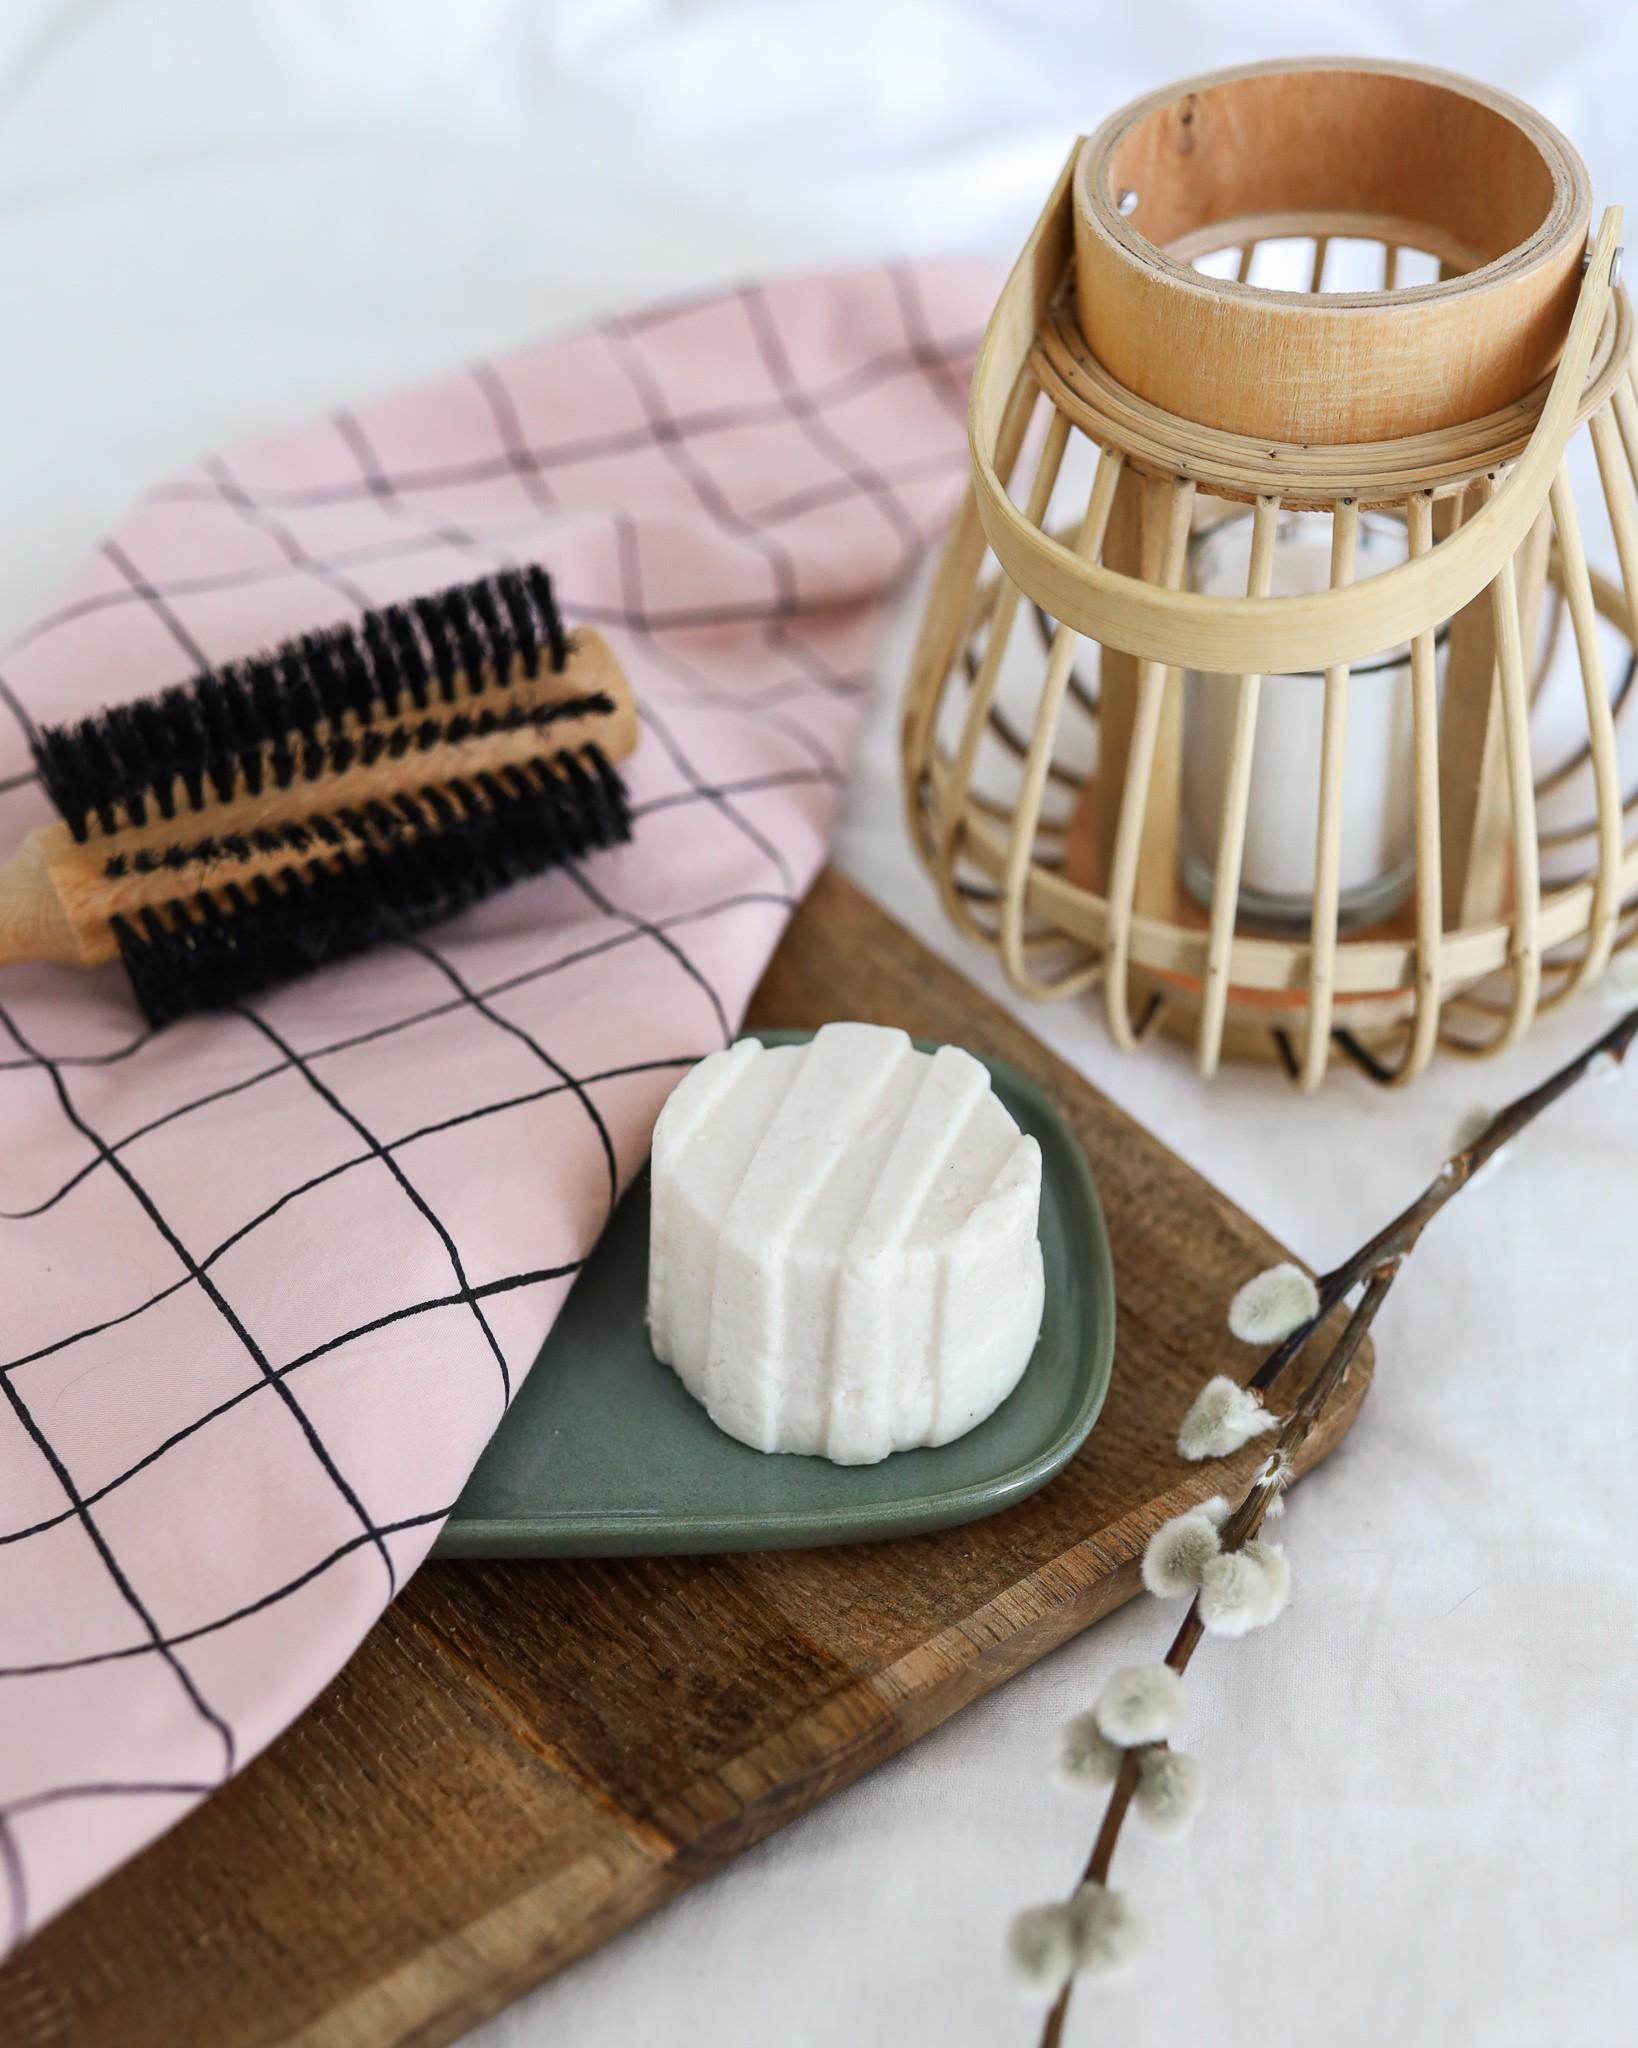 shampoing solide sur un plateau